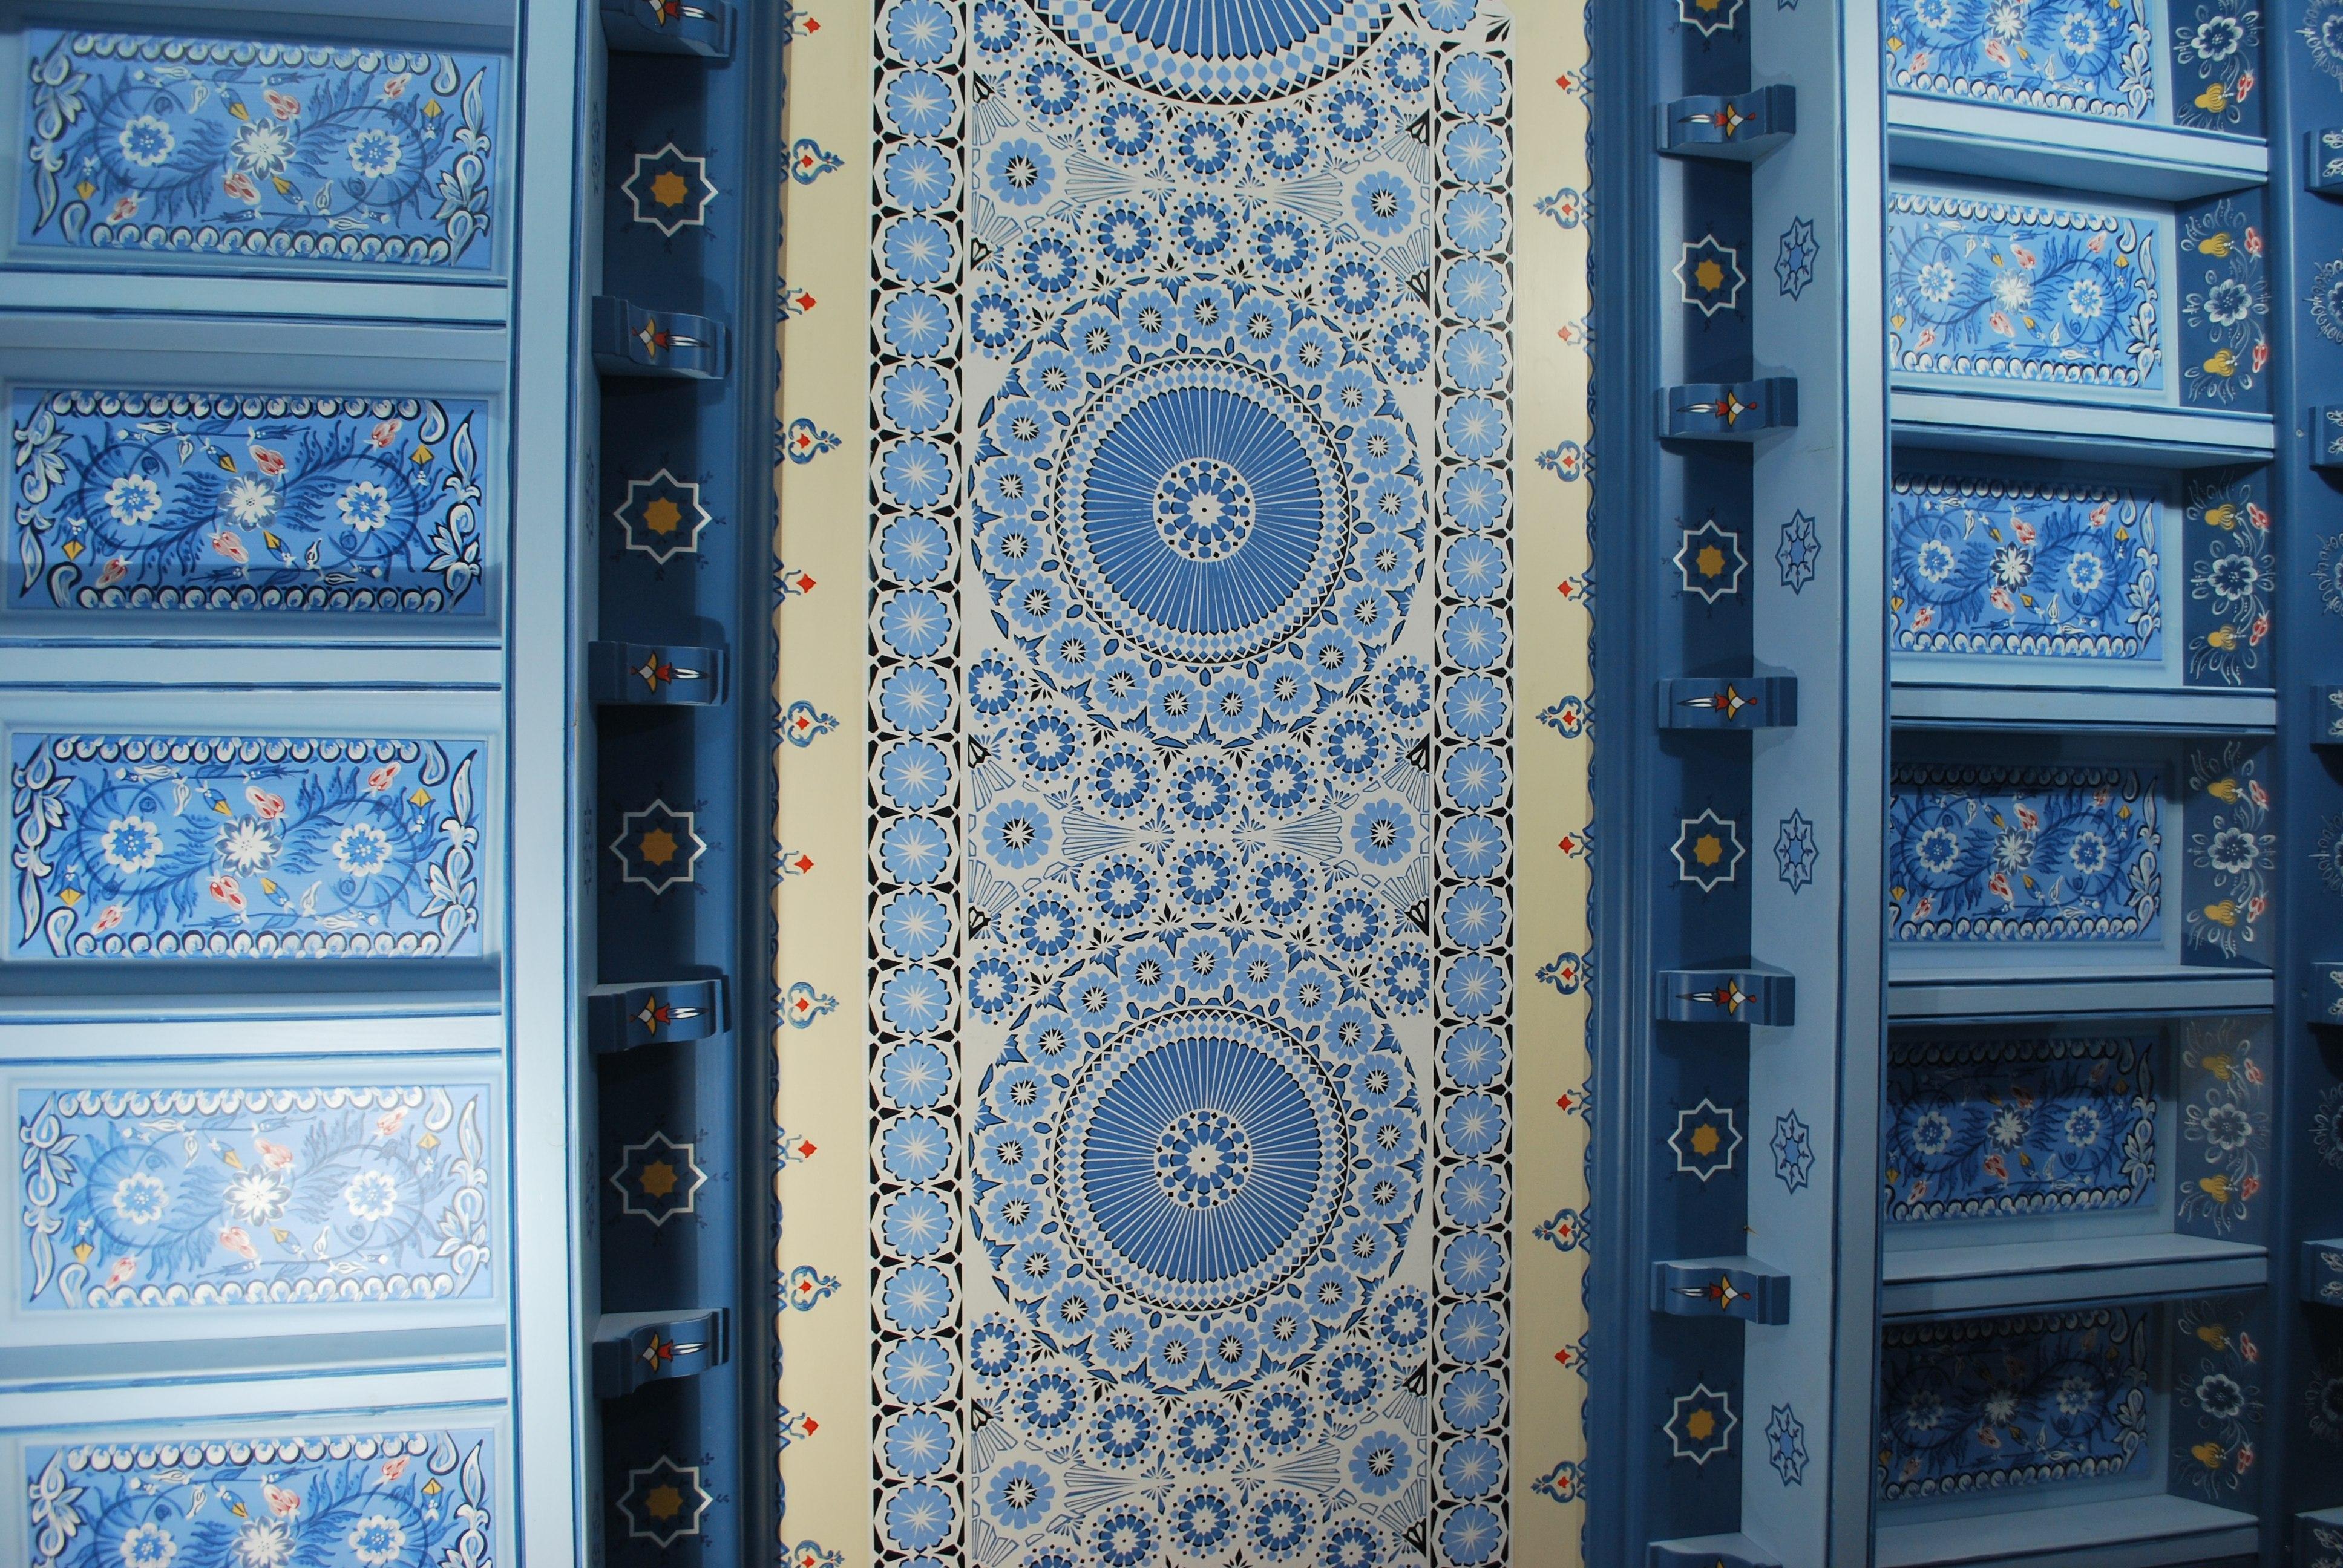 mamoudi-oriental-pastry-shop-paris-interior